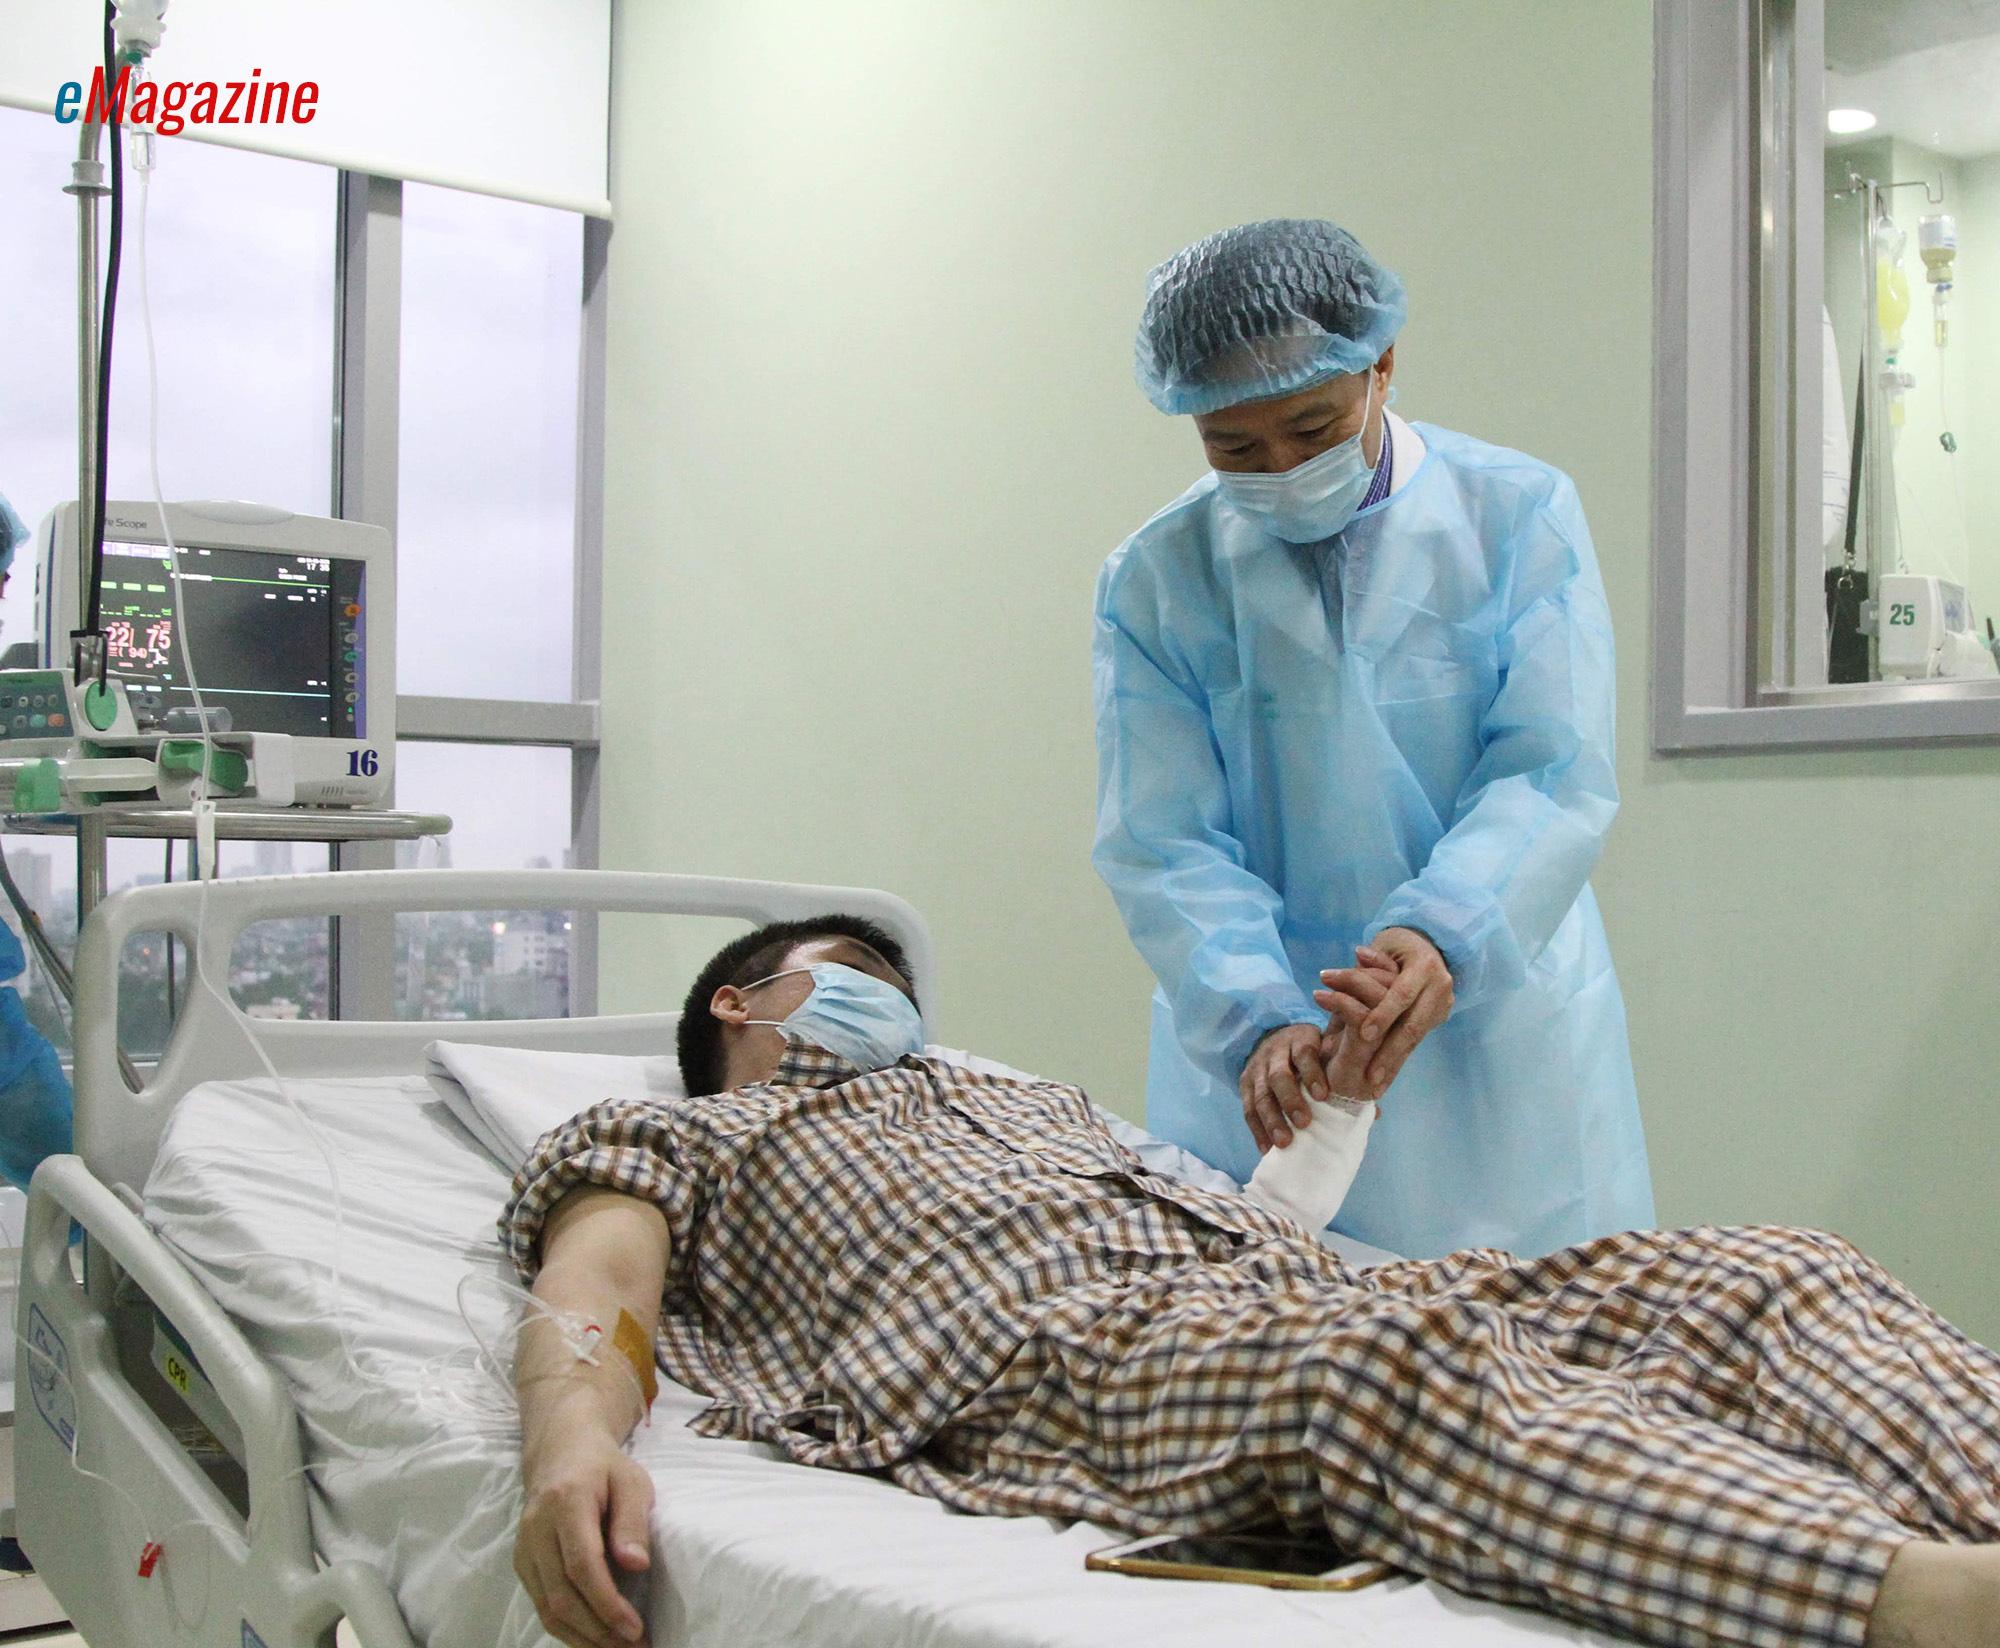 Kỳ tích bác sĩ Việt: Chuyện chưa kể về ca ghép chi đầu tiên trên thế giới từ người cho còn sống - Ảnh 6.